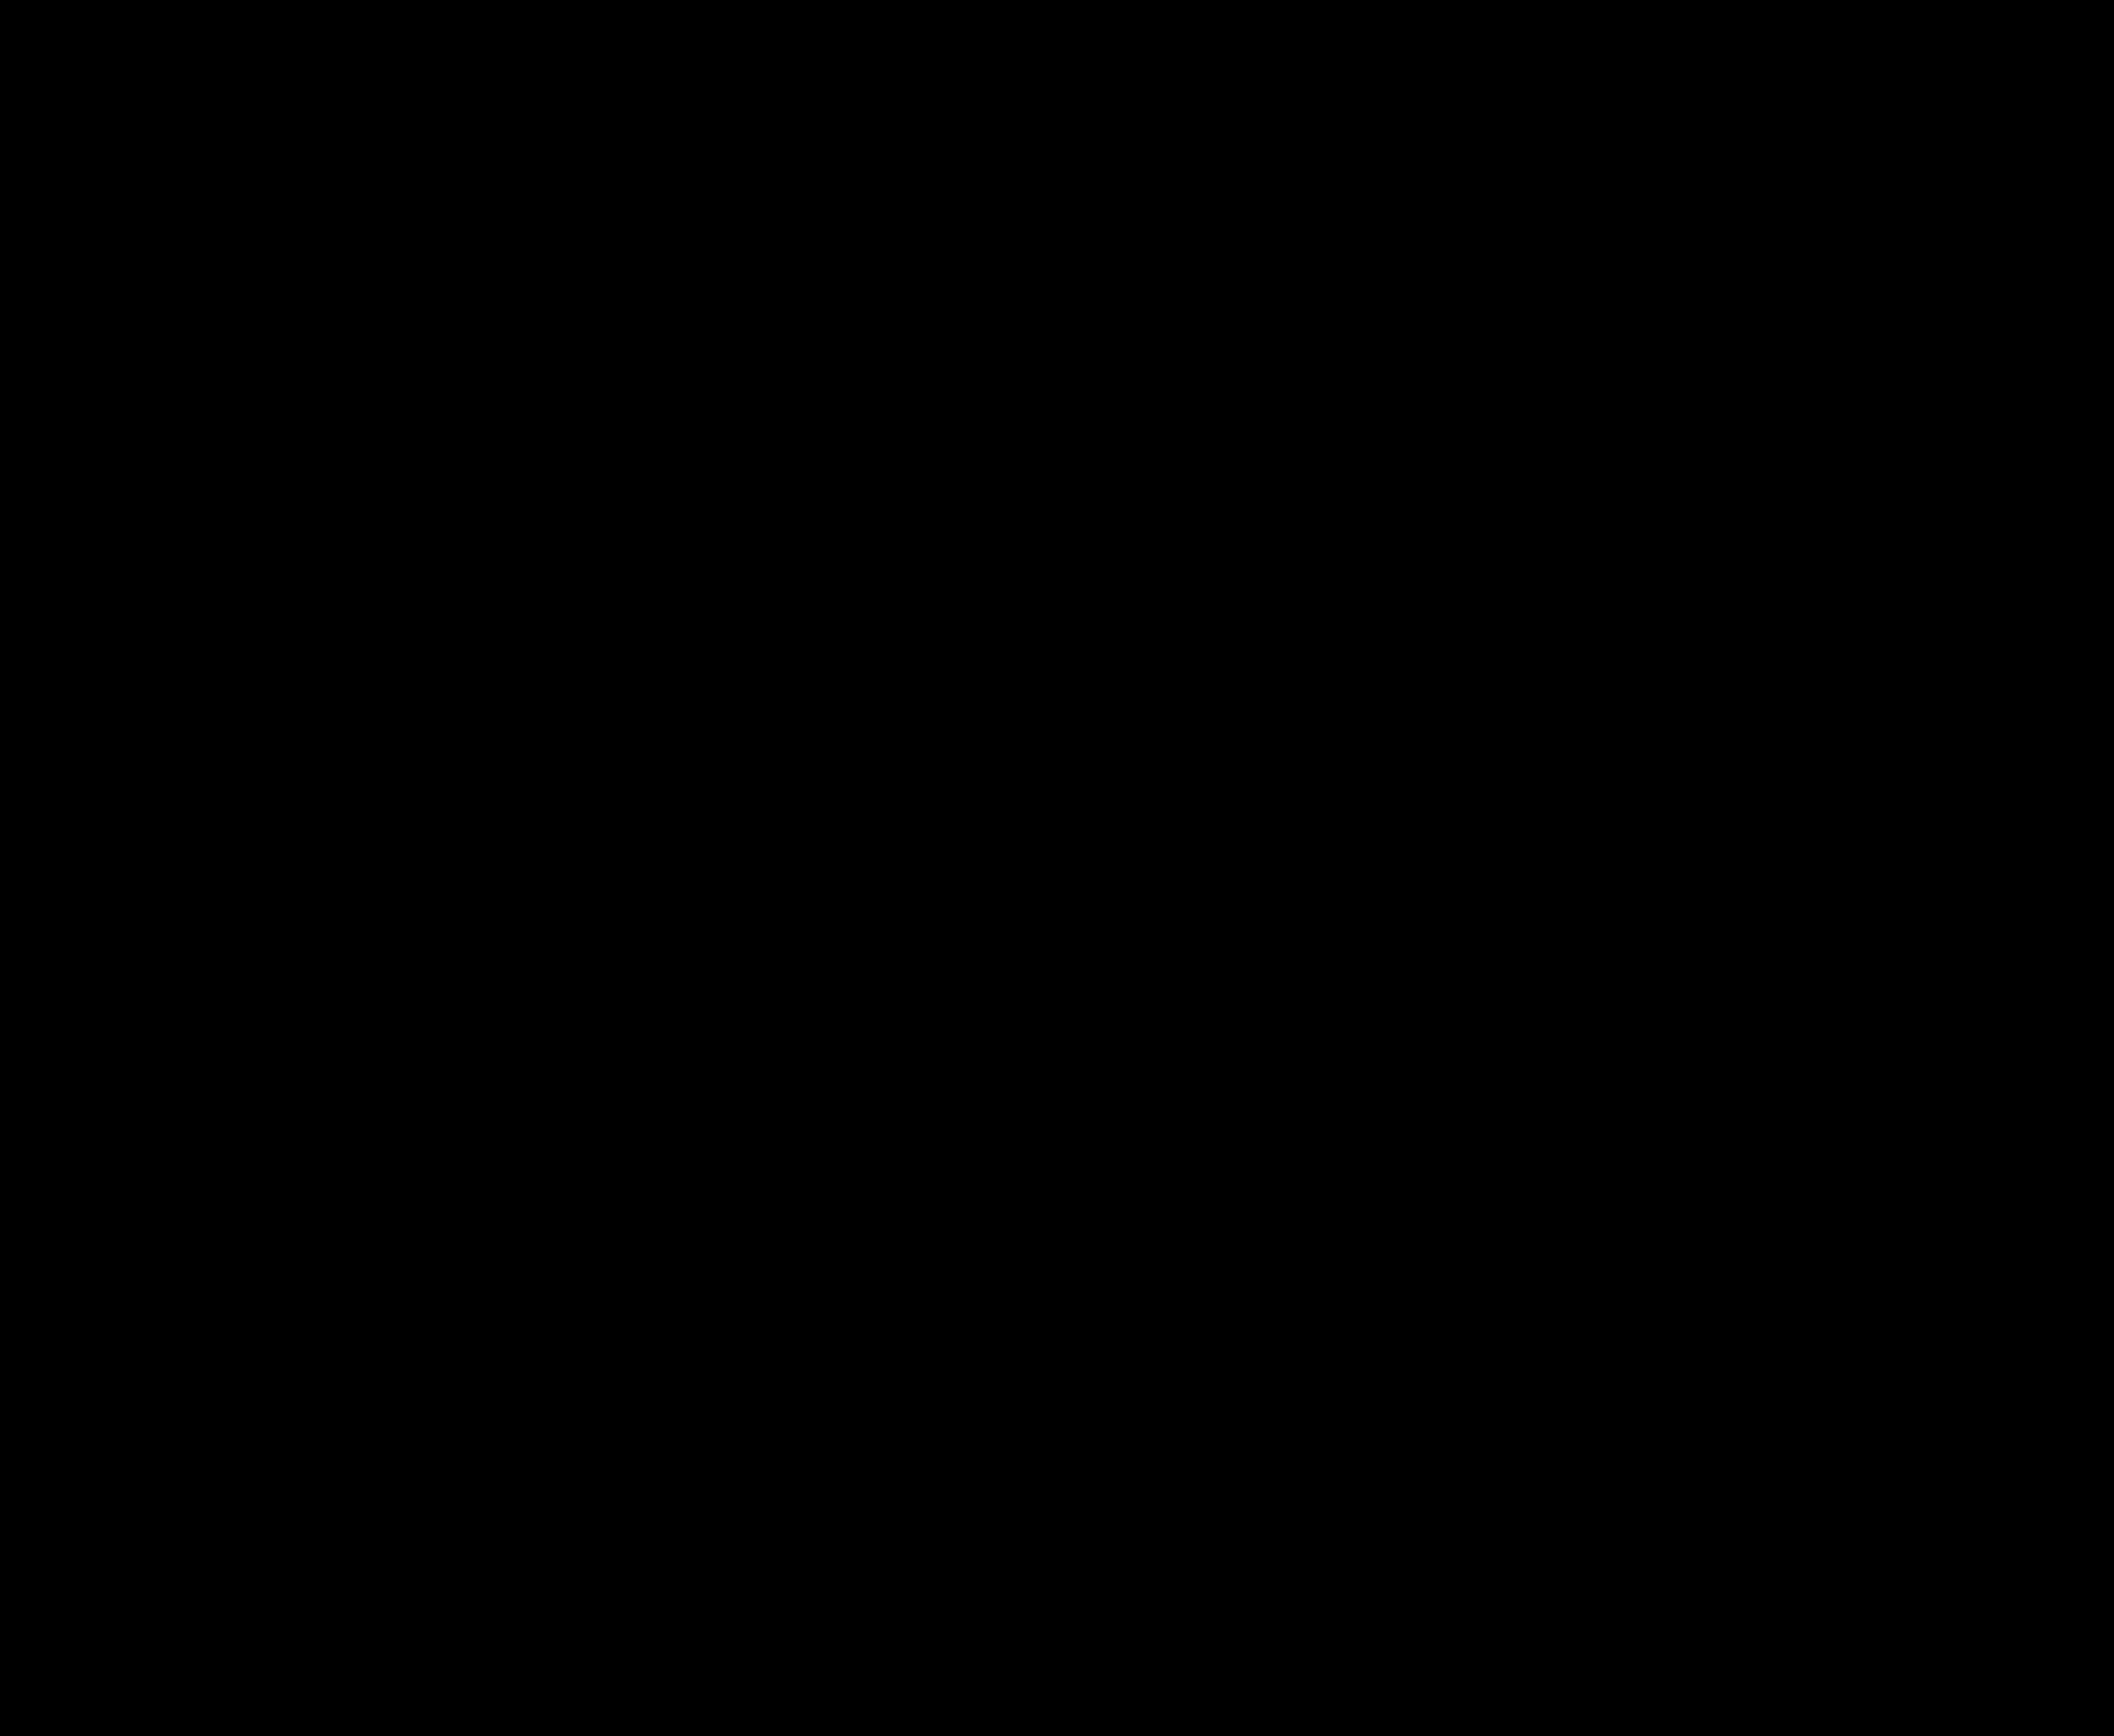 Holi celebrations: होली मनाने के लिए जाएं इन जगहों पर, हमेशा याद रहेंगे ये पल